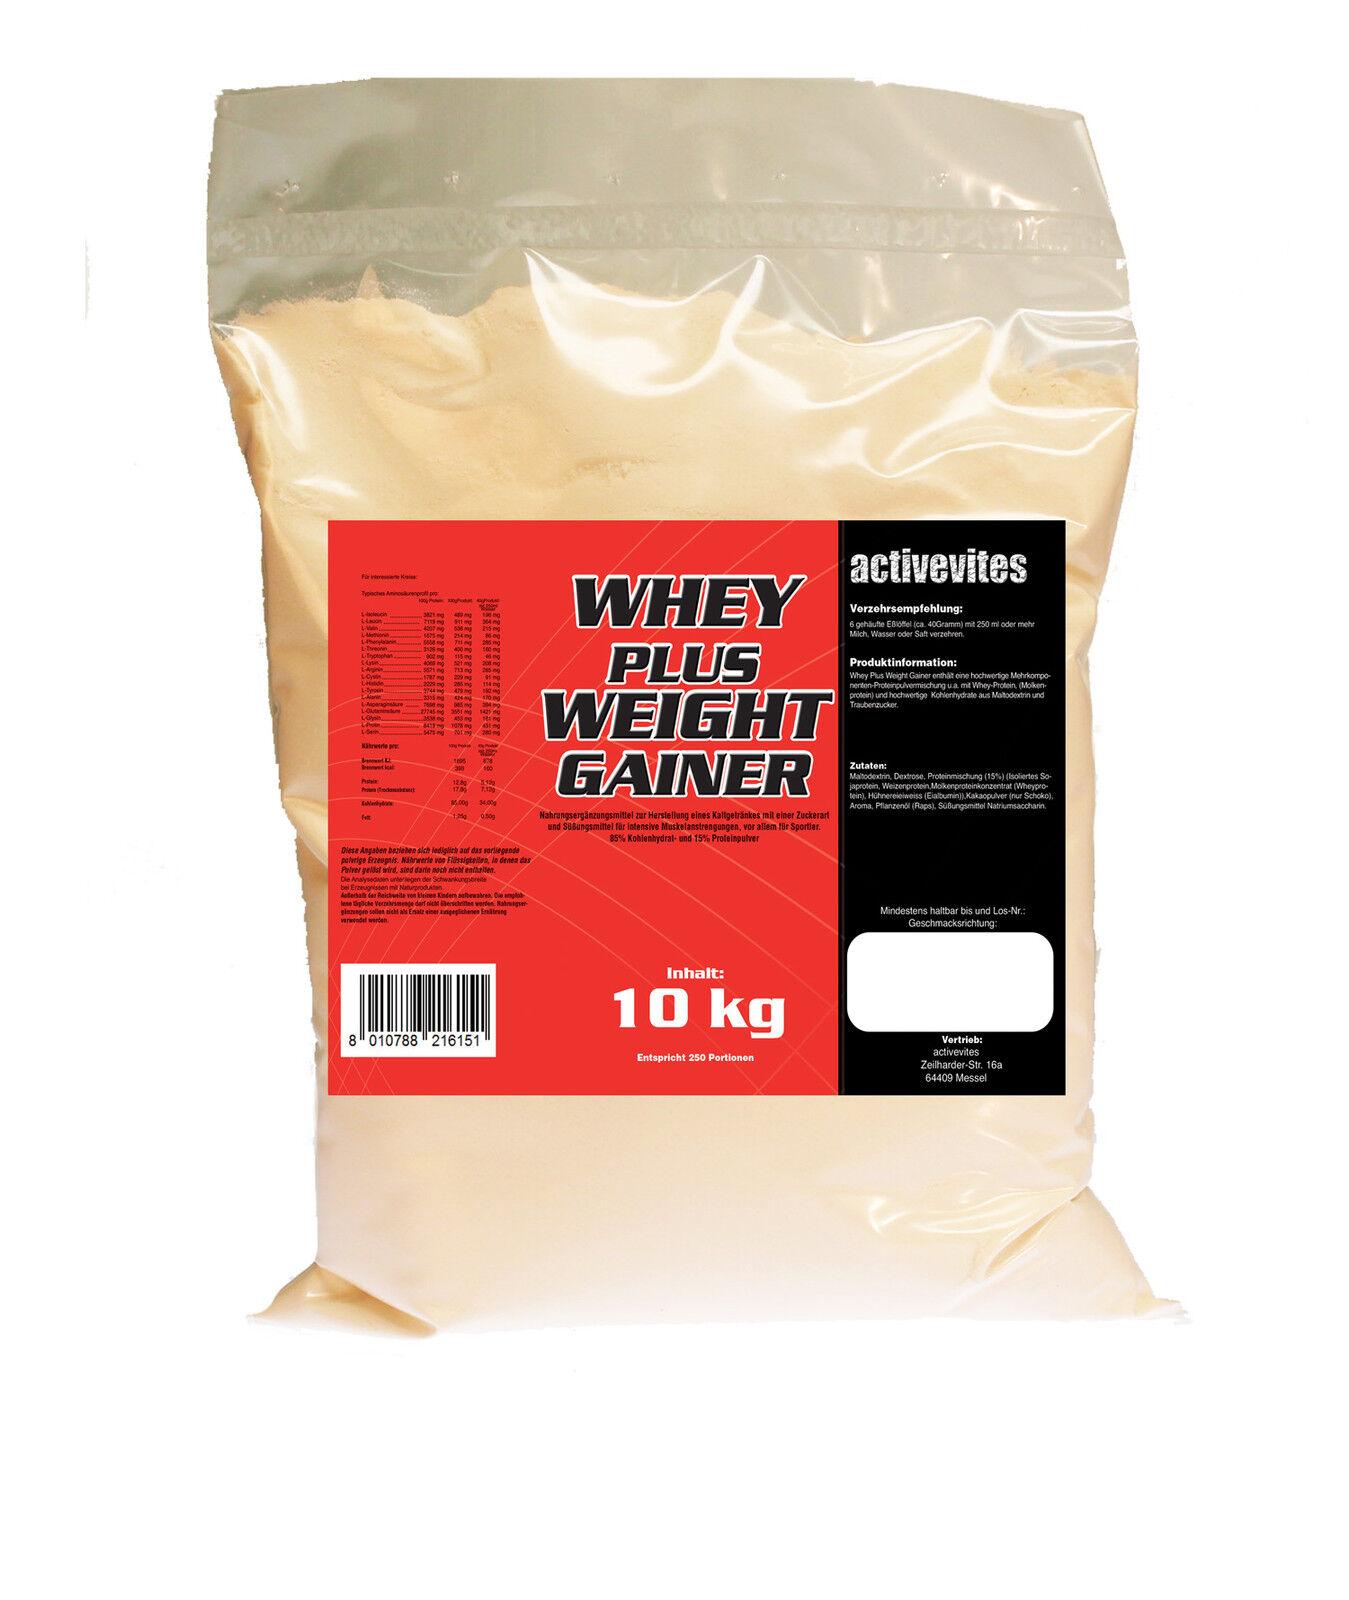 /kg mehr Allfitnessfactory-DE Masse GAINER 10kg mit Molke Protein mehr /kg Masse 60969e